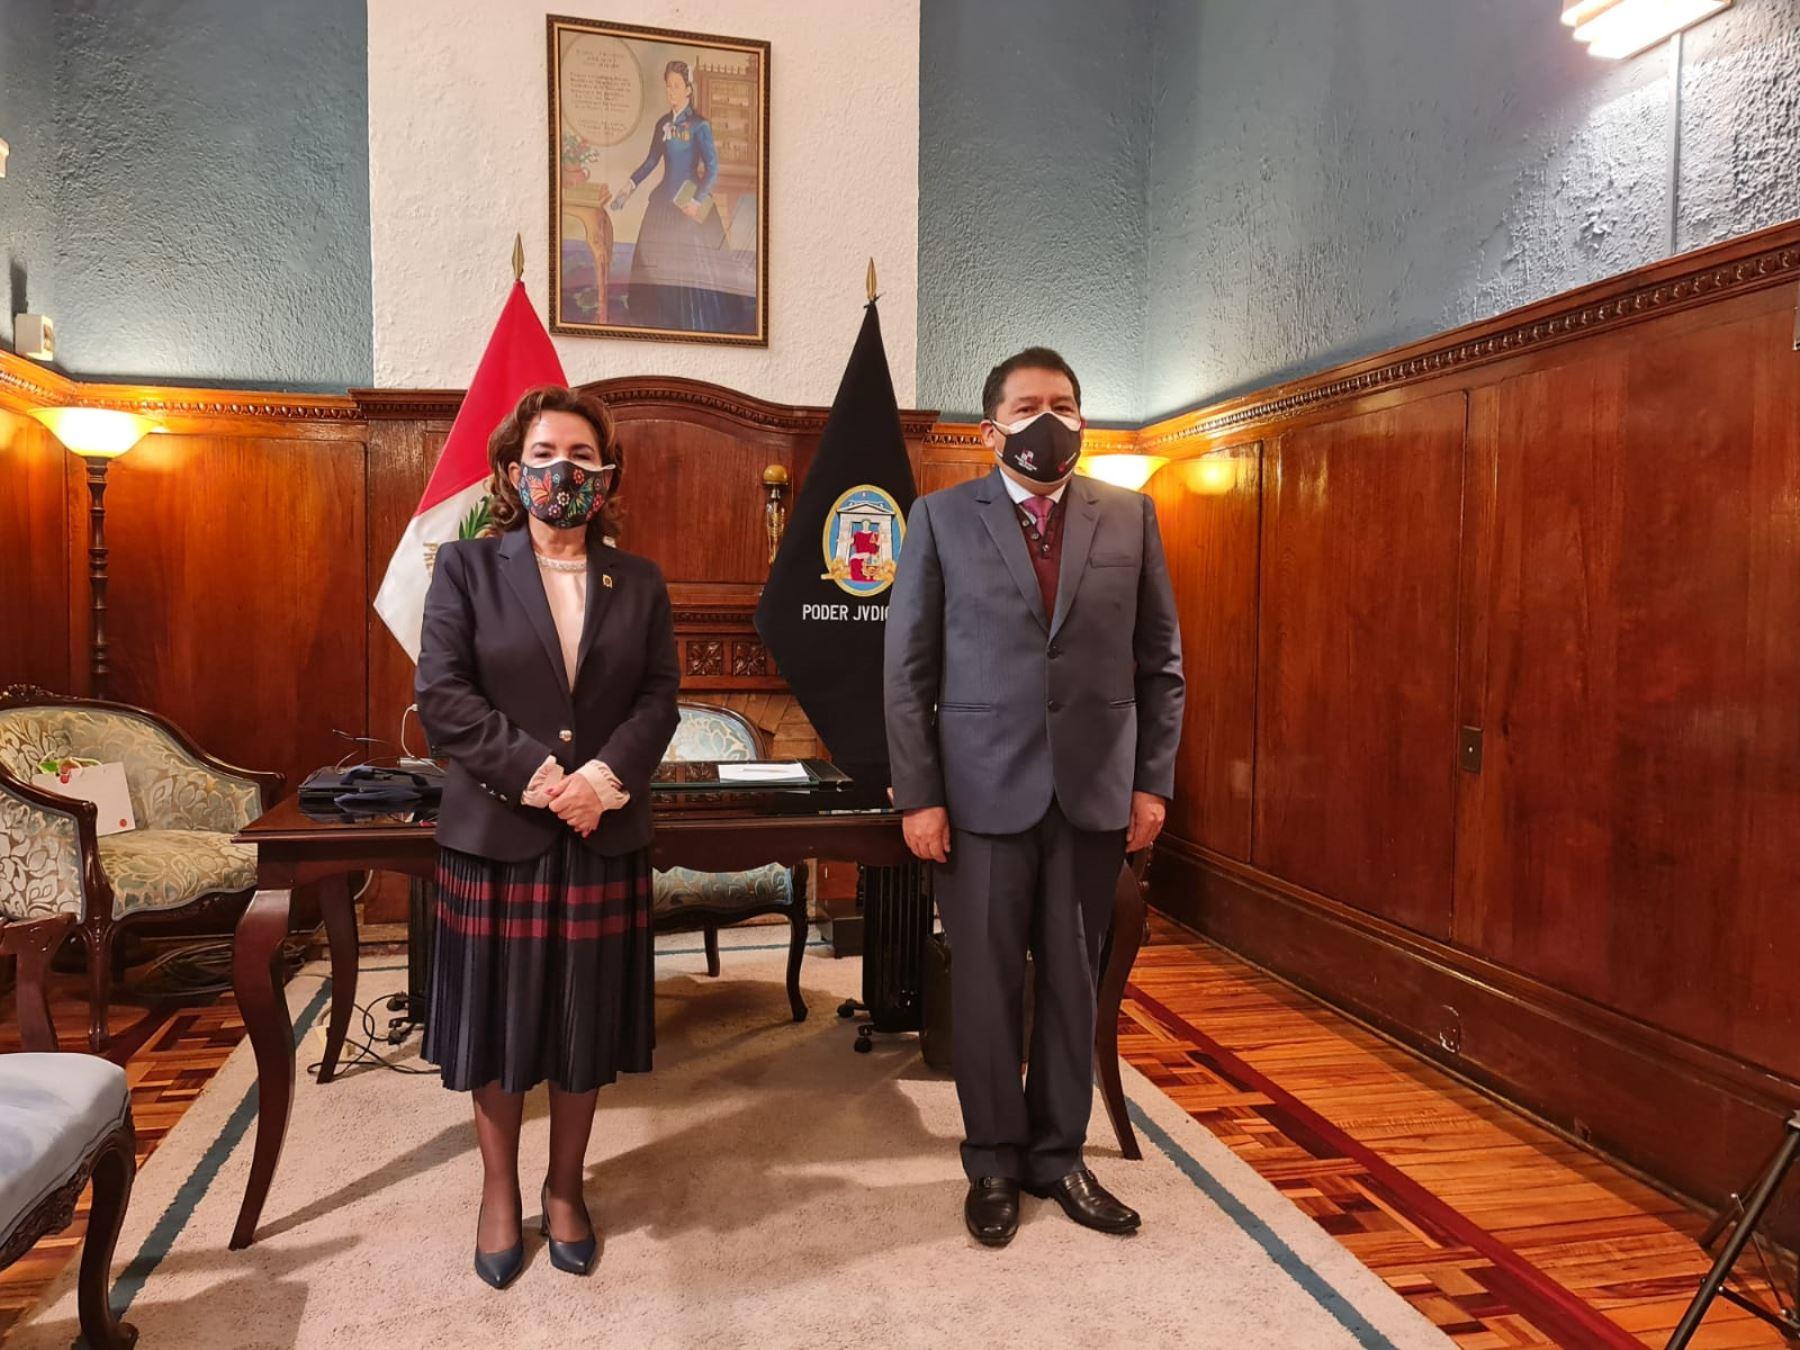 Presidenta del PJ. Elvia Barrios, se reunió con el presidente de la Corte Superior Nacional, César Sahuanay Calsín .